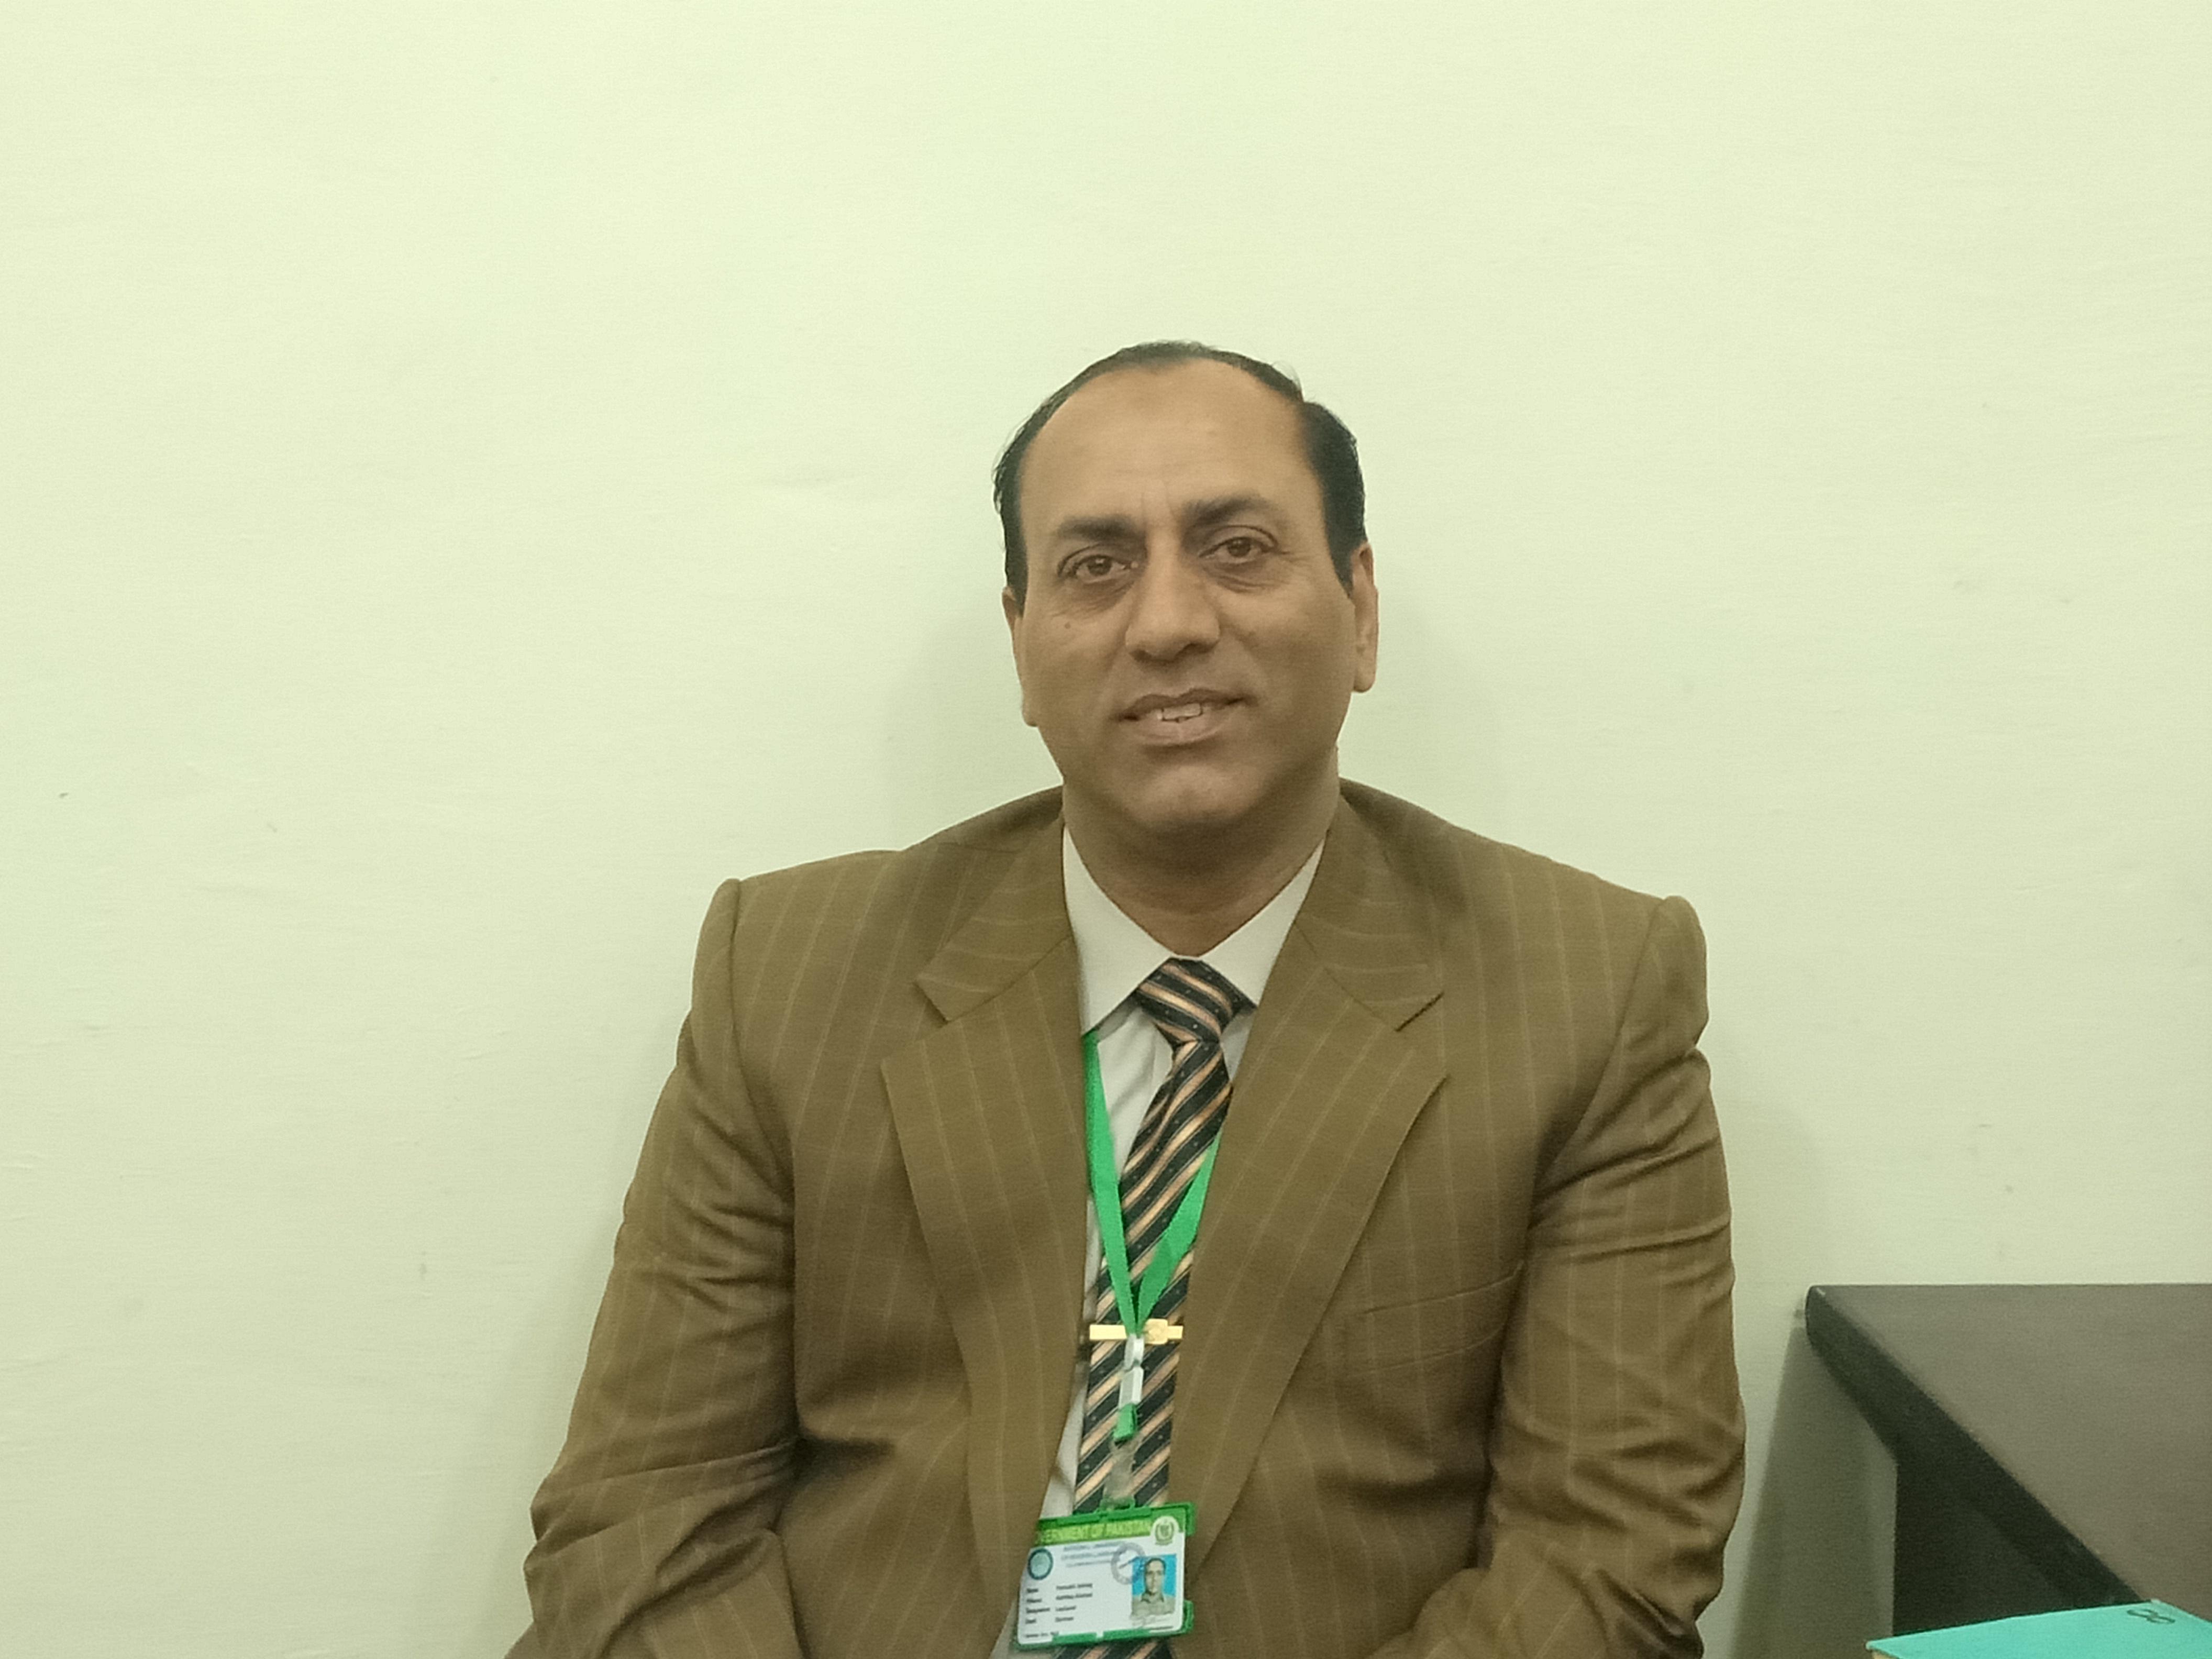 Mr. Farrukh Ishfaq